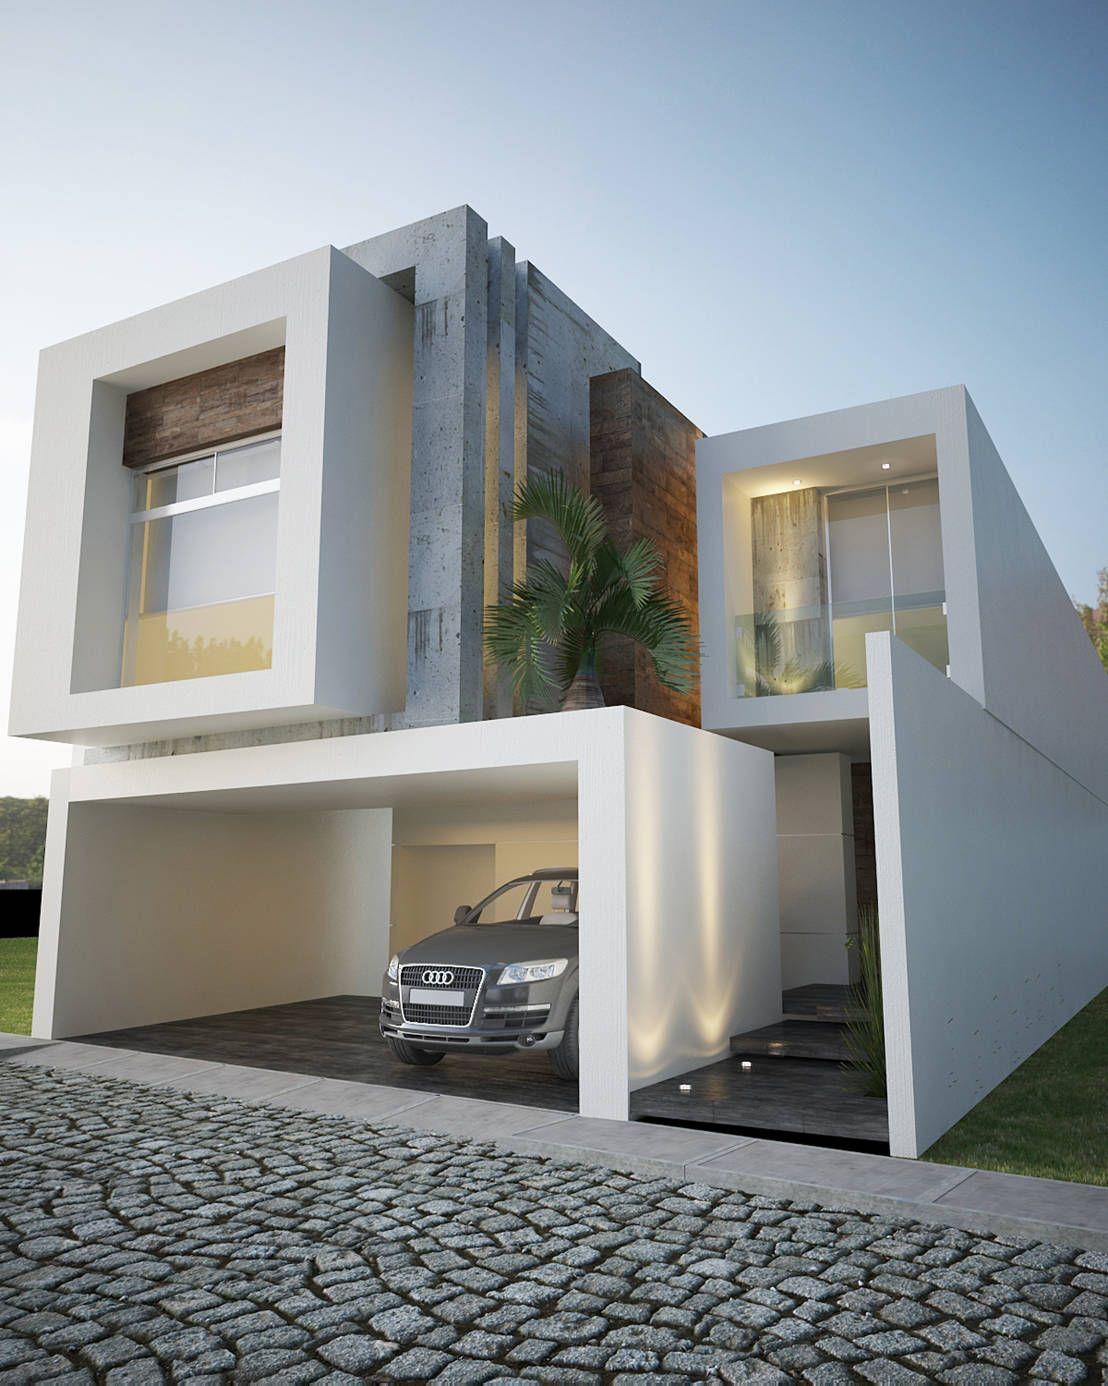 Proyecto cavas de arquitectos en 2019 casas for Viviendas estilo minimalista